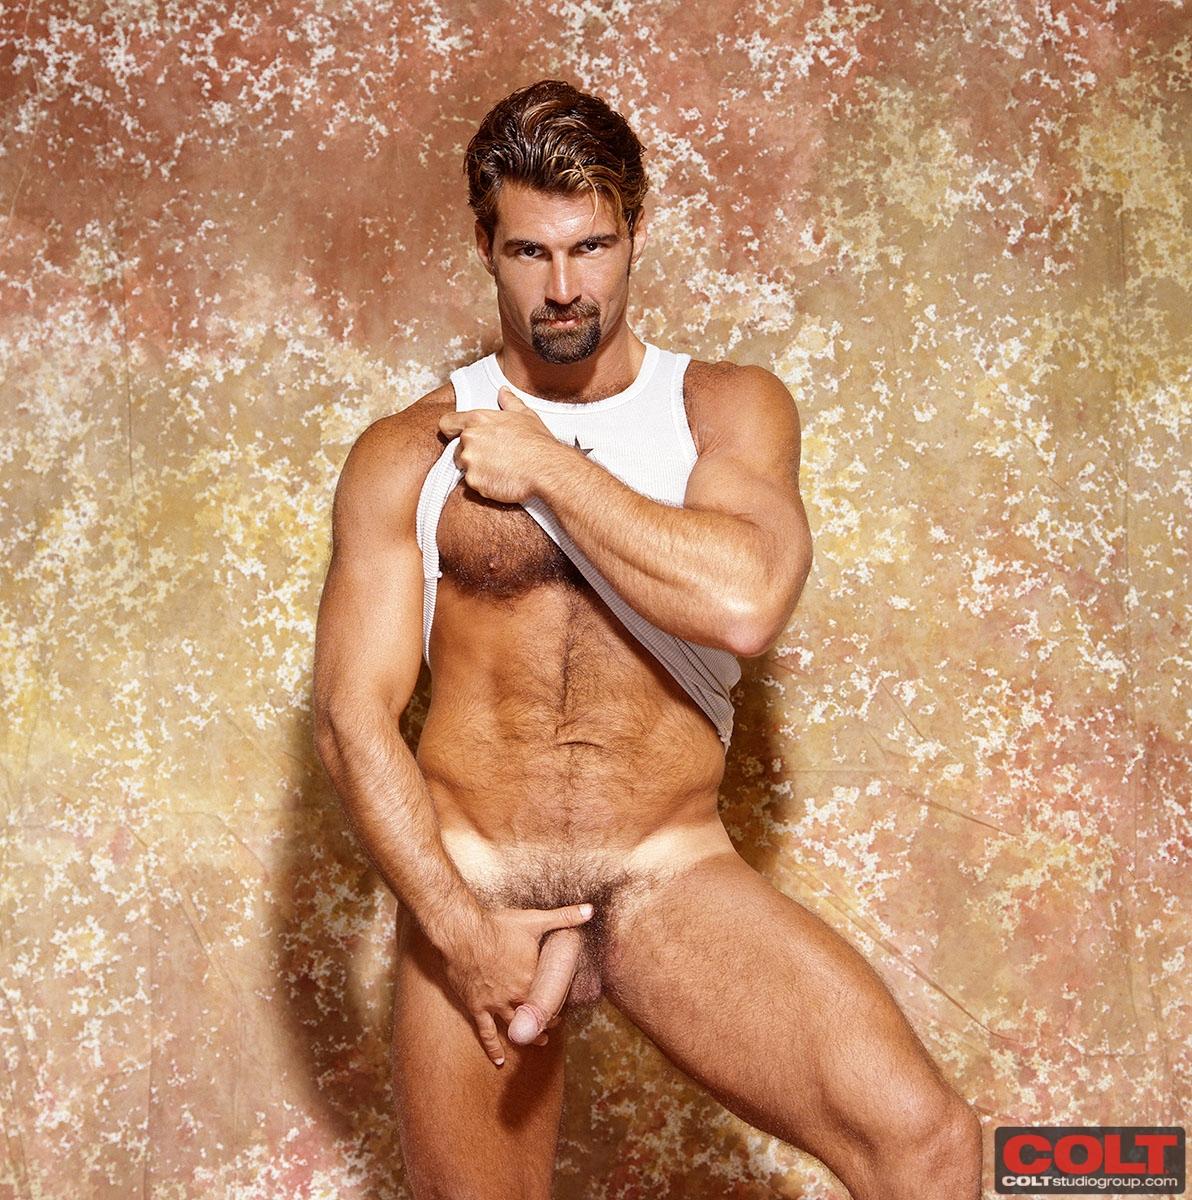 Porncz - Gay Model page